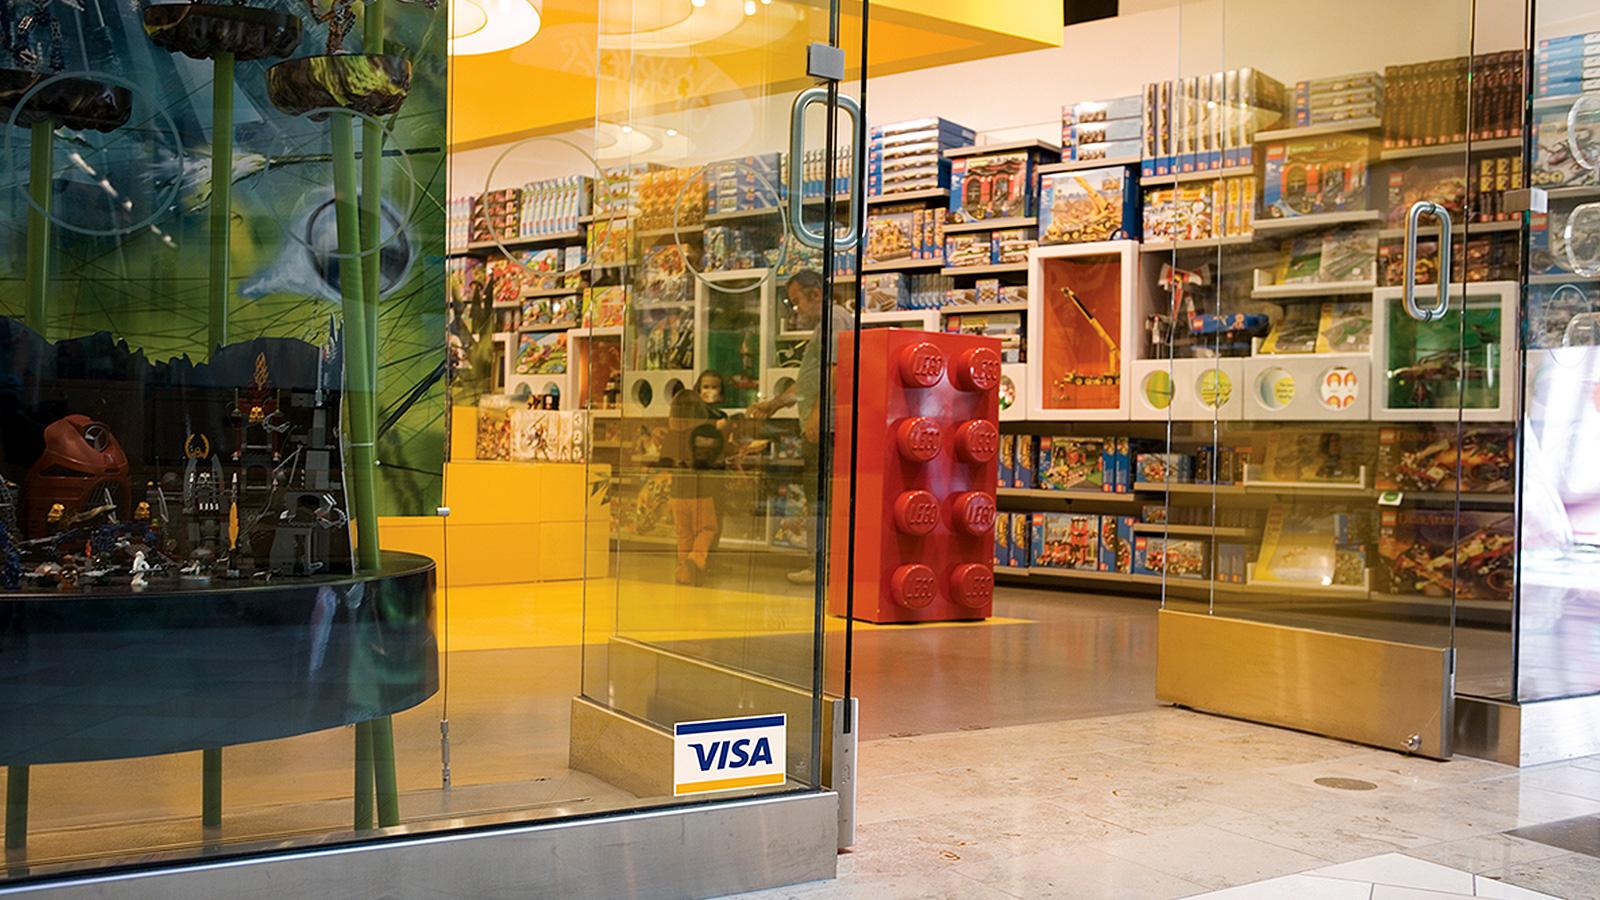 Visa Awarded #2 Spot | Visa